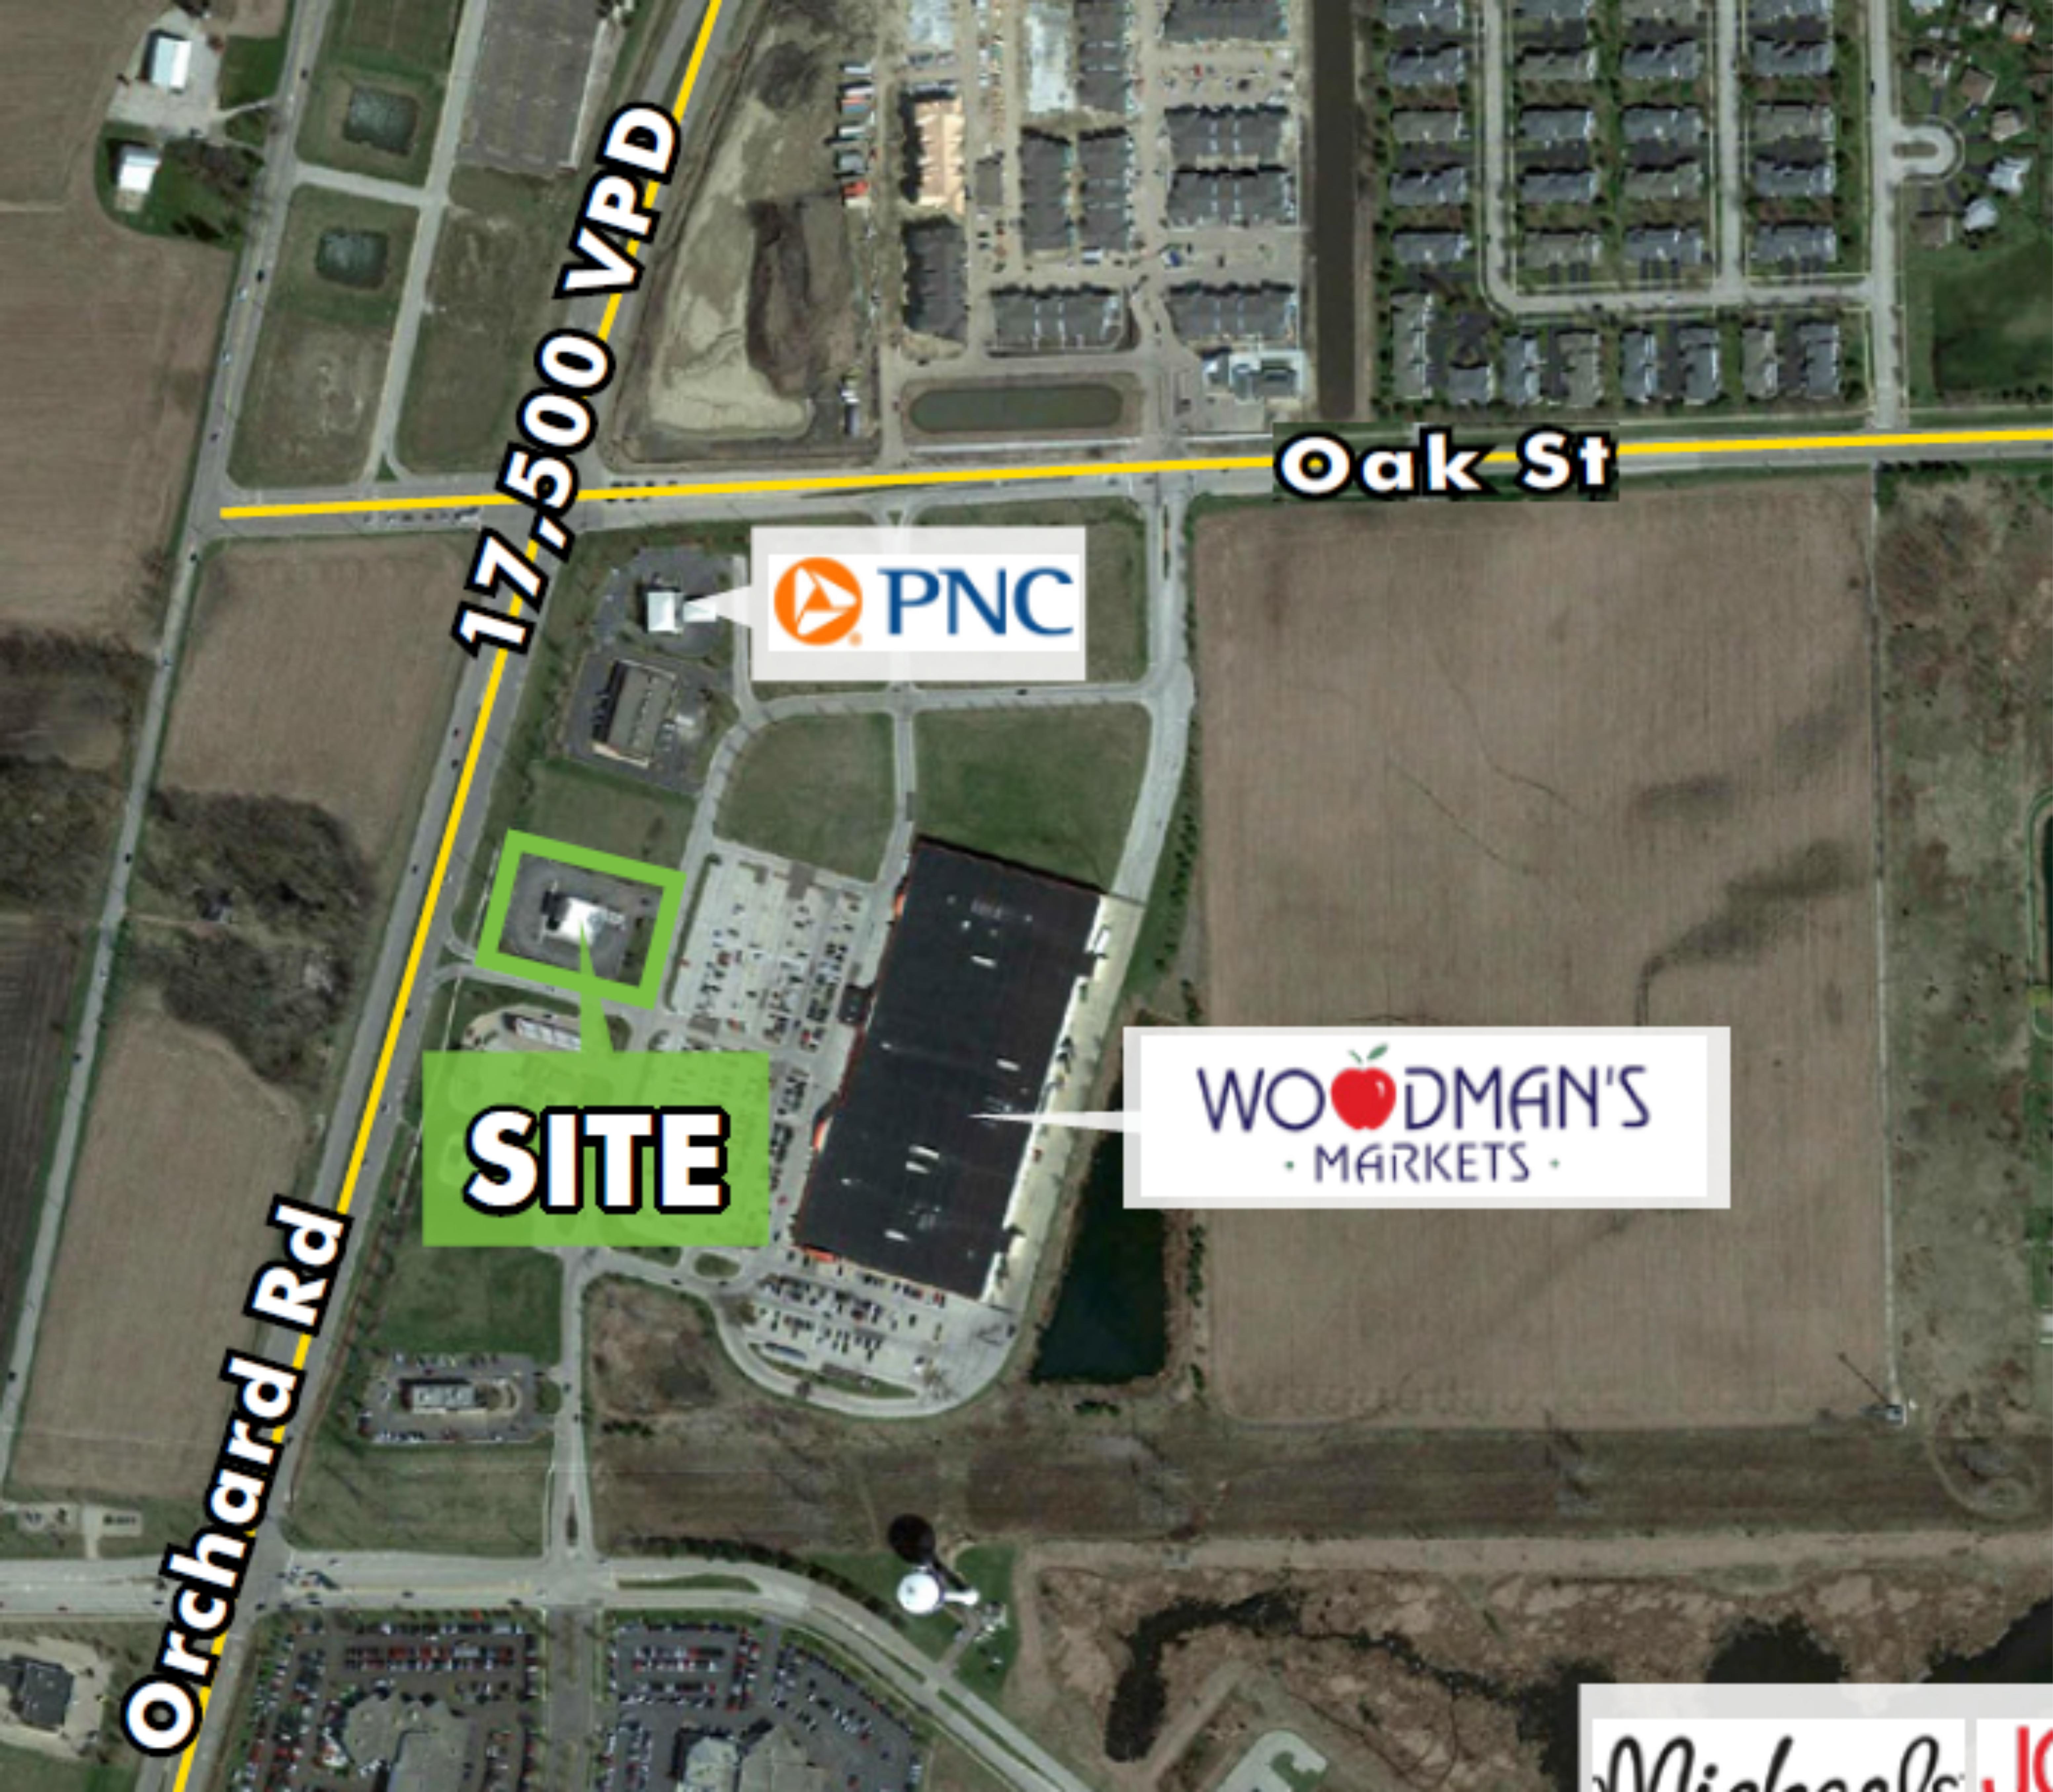 1.15 Acre Site, 4,297 SF Building: site plan